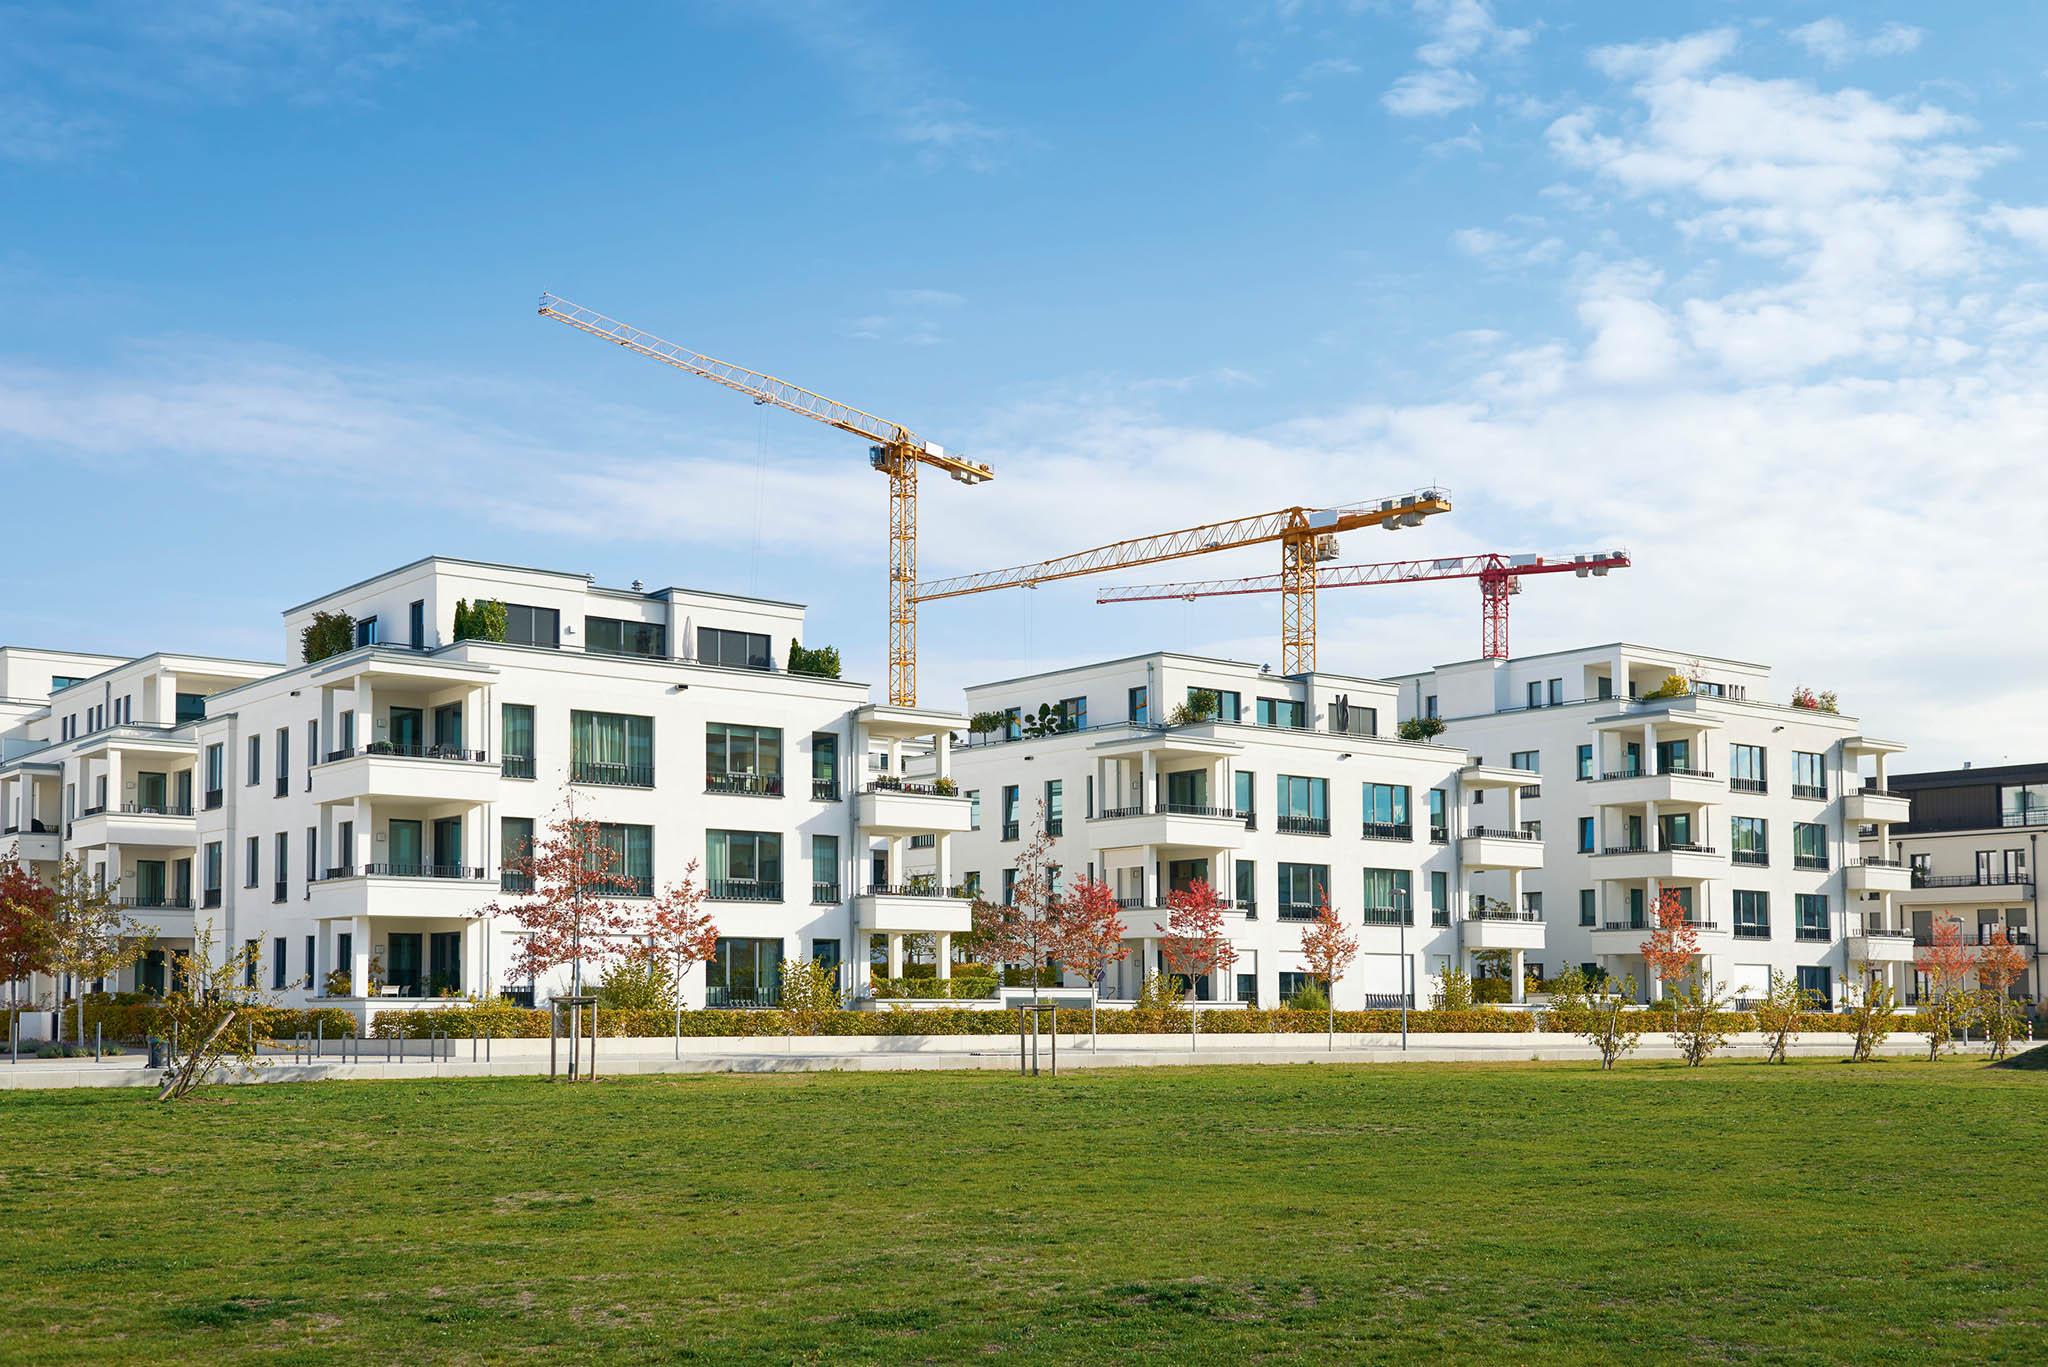 Vposledních letech nemovitosti zdražují, především byty vevelkých městech. Řada lidí proto odchází navenkov.